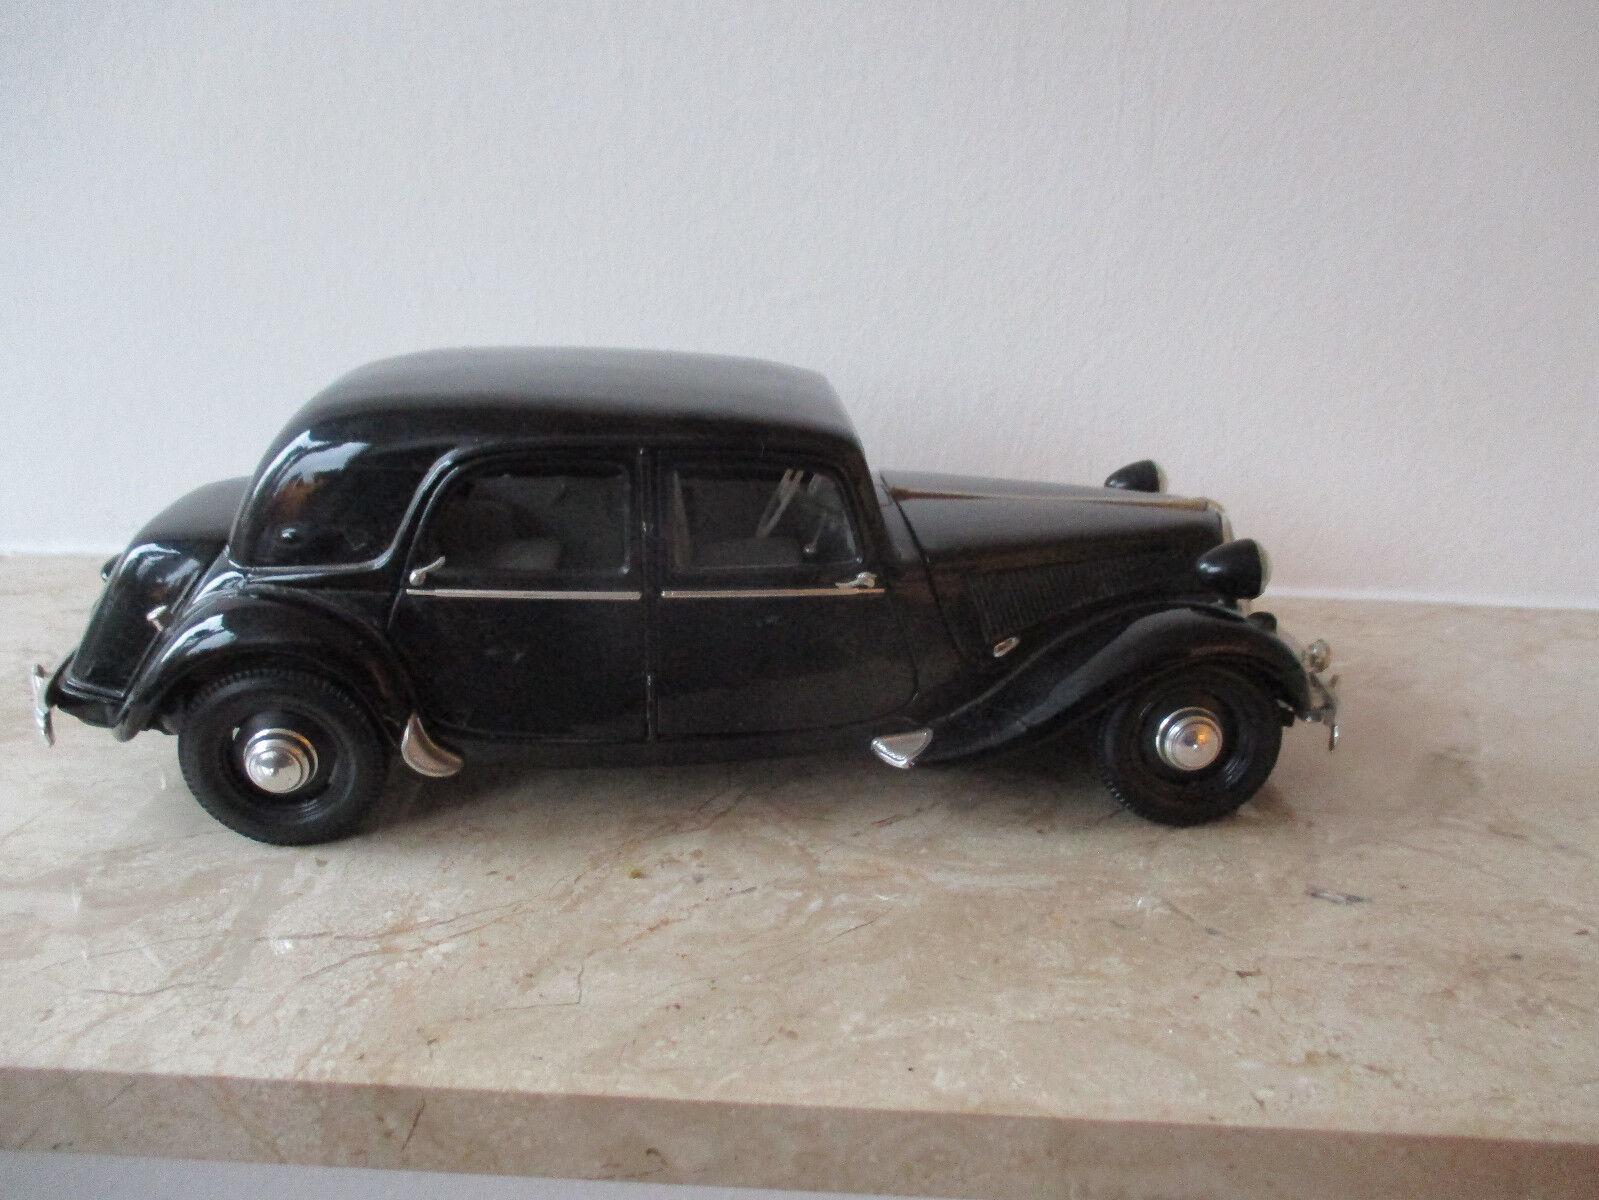 Altes Modellauto Maisto Citroen 15 CV 6 Zylinder Zylinder Zylinder 1952 Maßstab 1 18 ohne OVP  | Exquisite (mittlere) Verarbeitung  e87b48